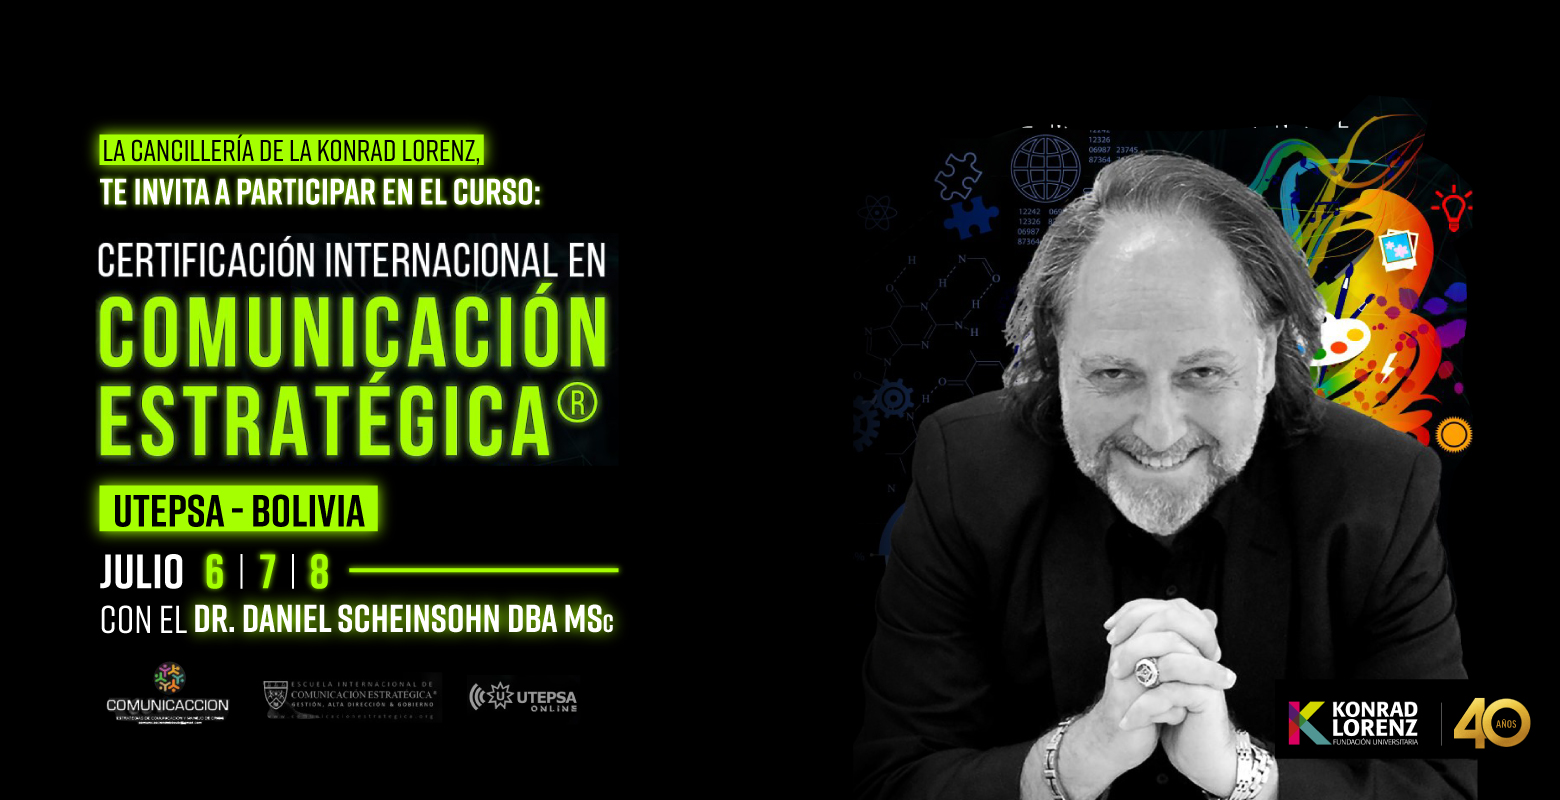 Curso: Certificación Internacional en Comunicación Estratégica de la UTEPSA - Bolivia